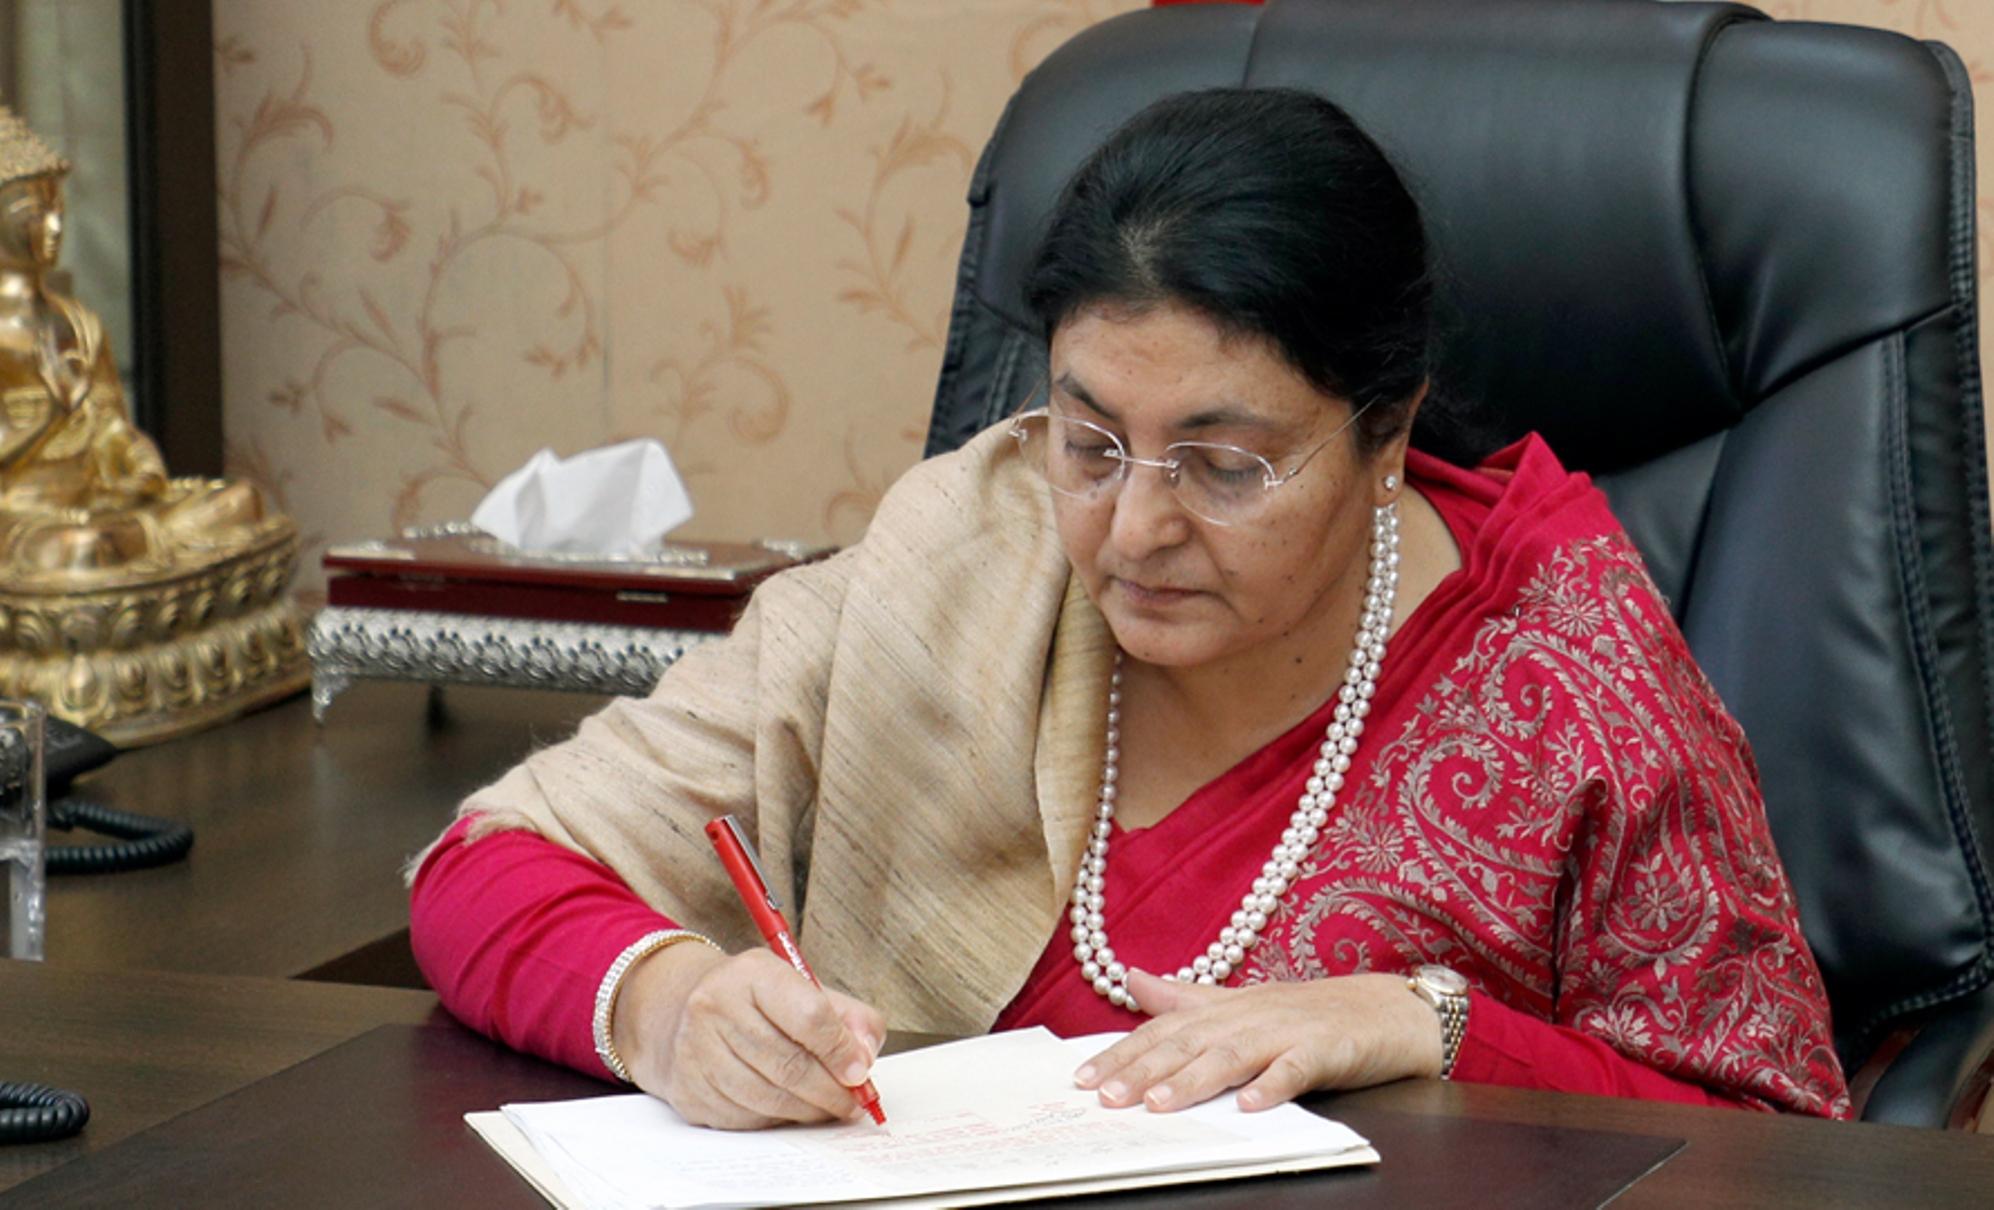 राष्ट्रपतिद्वारा नागरिकतासम्वन्धी अध्यादेश जारी